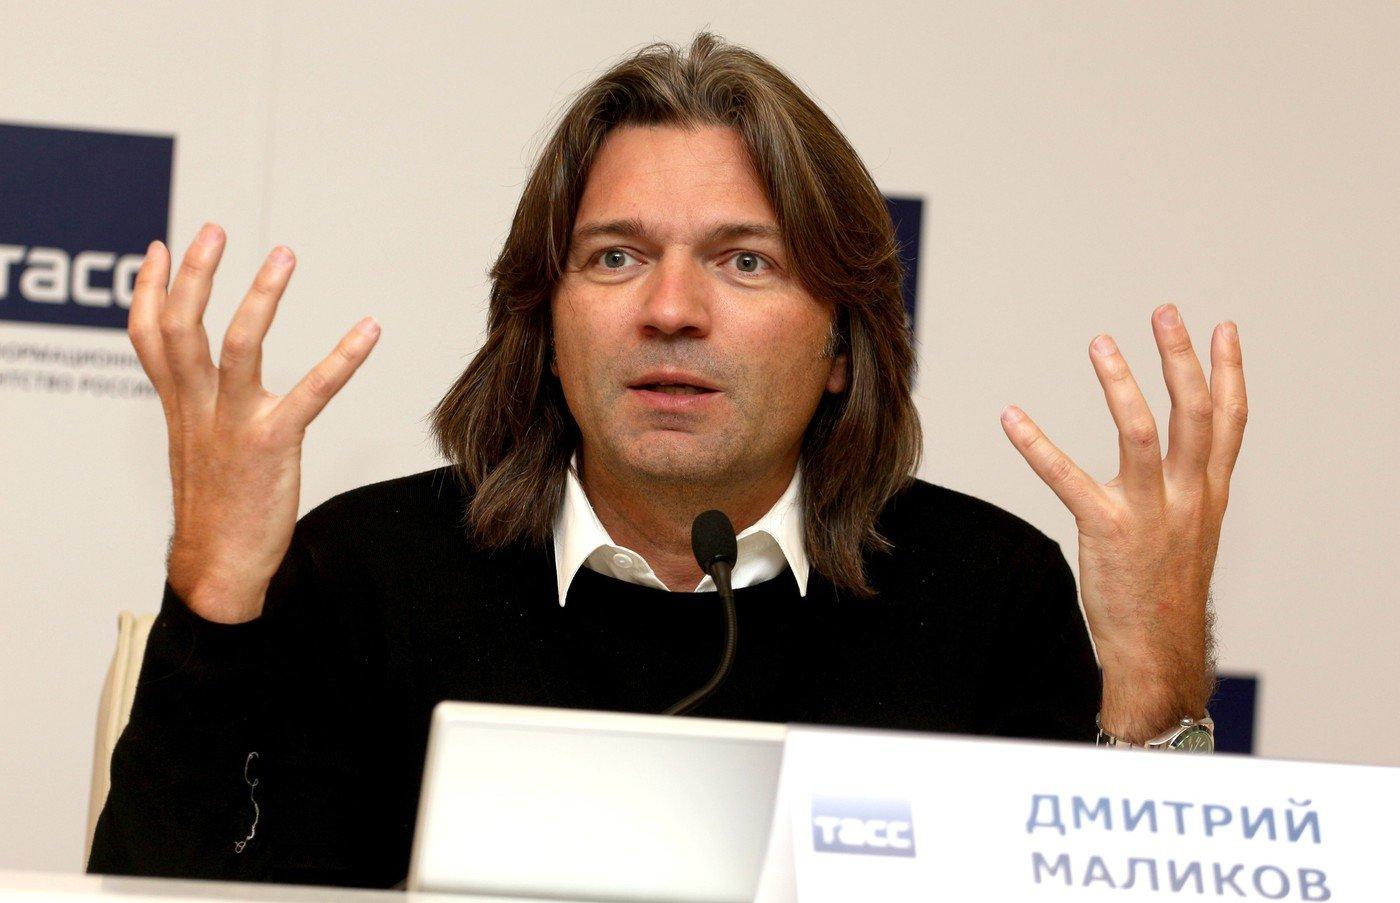 Дмитрий Маликов признался, что теряет зрение